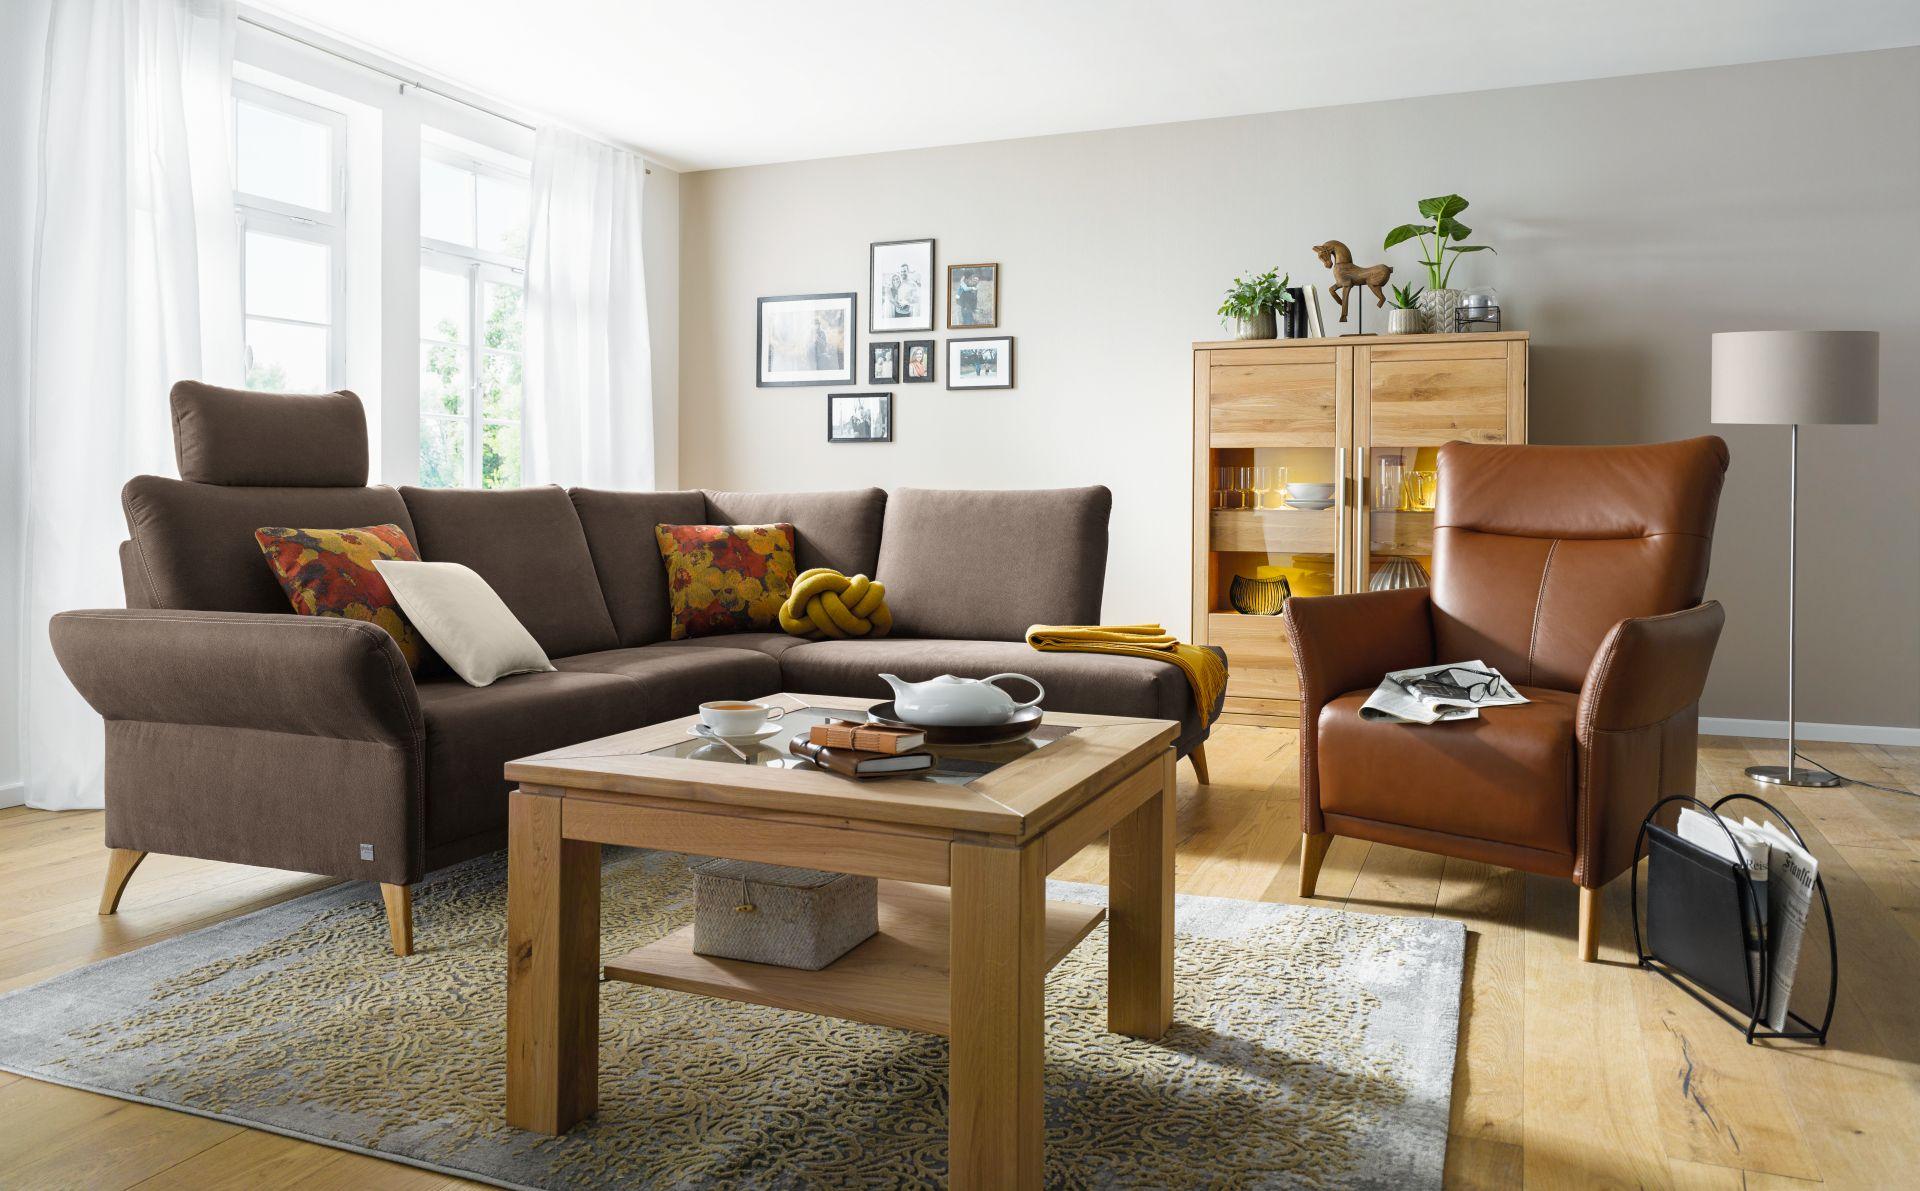 global m bel entdecken m bel lenz. Black Bedroom Furniture Sets. Home Design Ideas